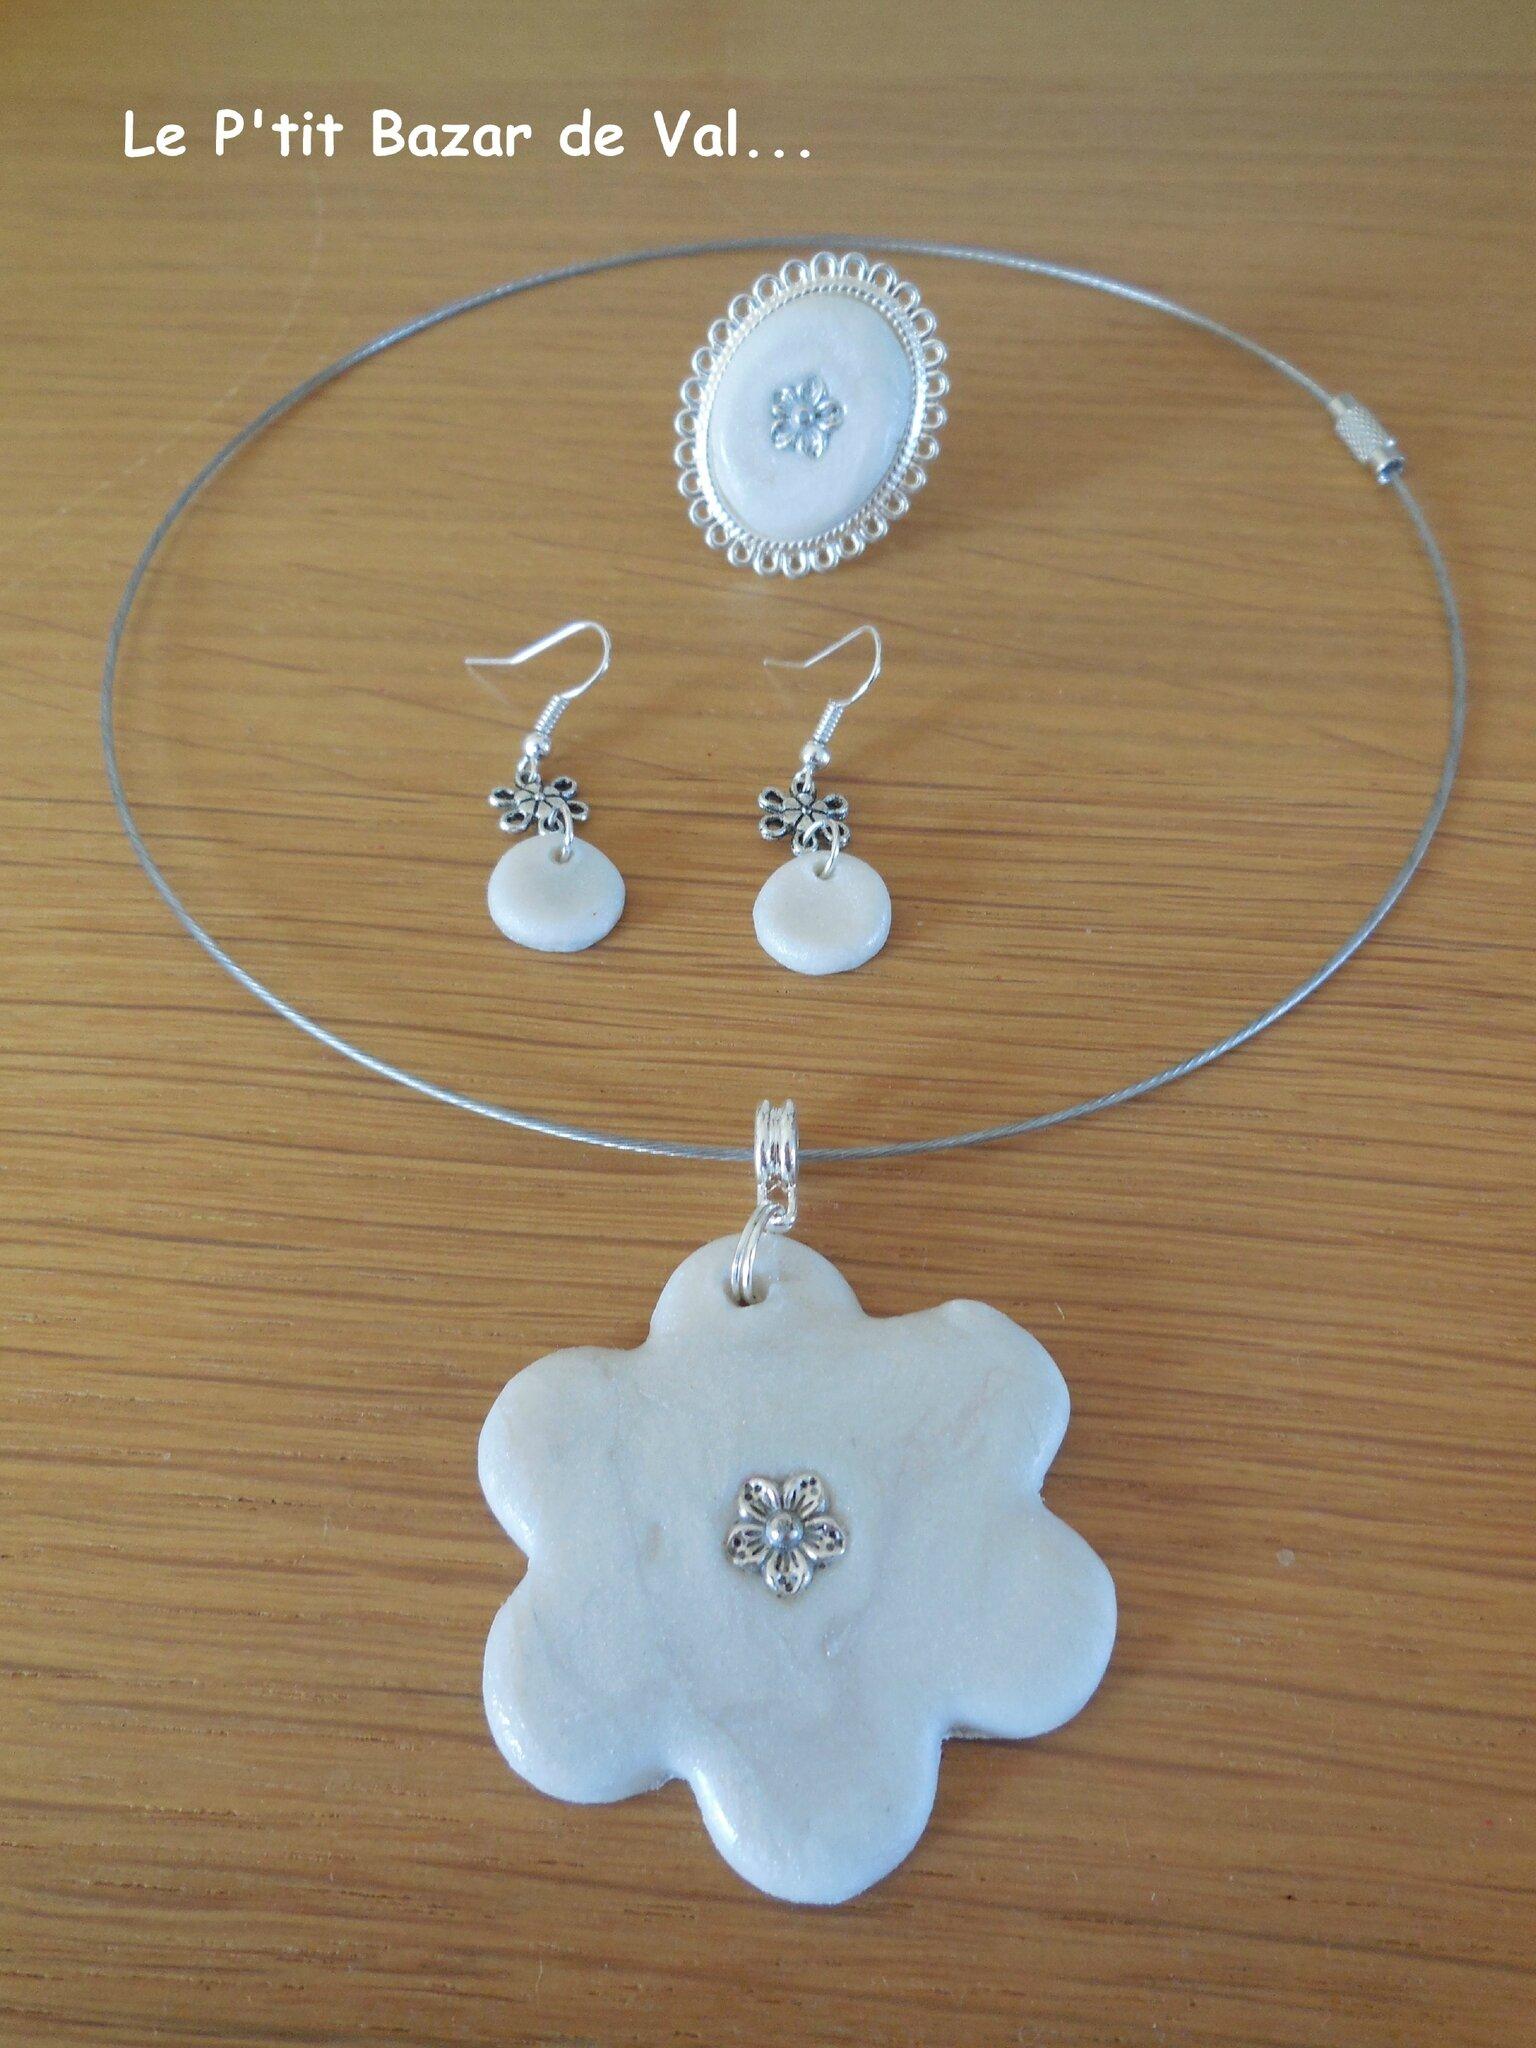 Bijoux en porcelaine froide blanc nacr le p 39 tit bazar de val etc - Bijoux paiement en plusieurs fois ...